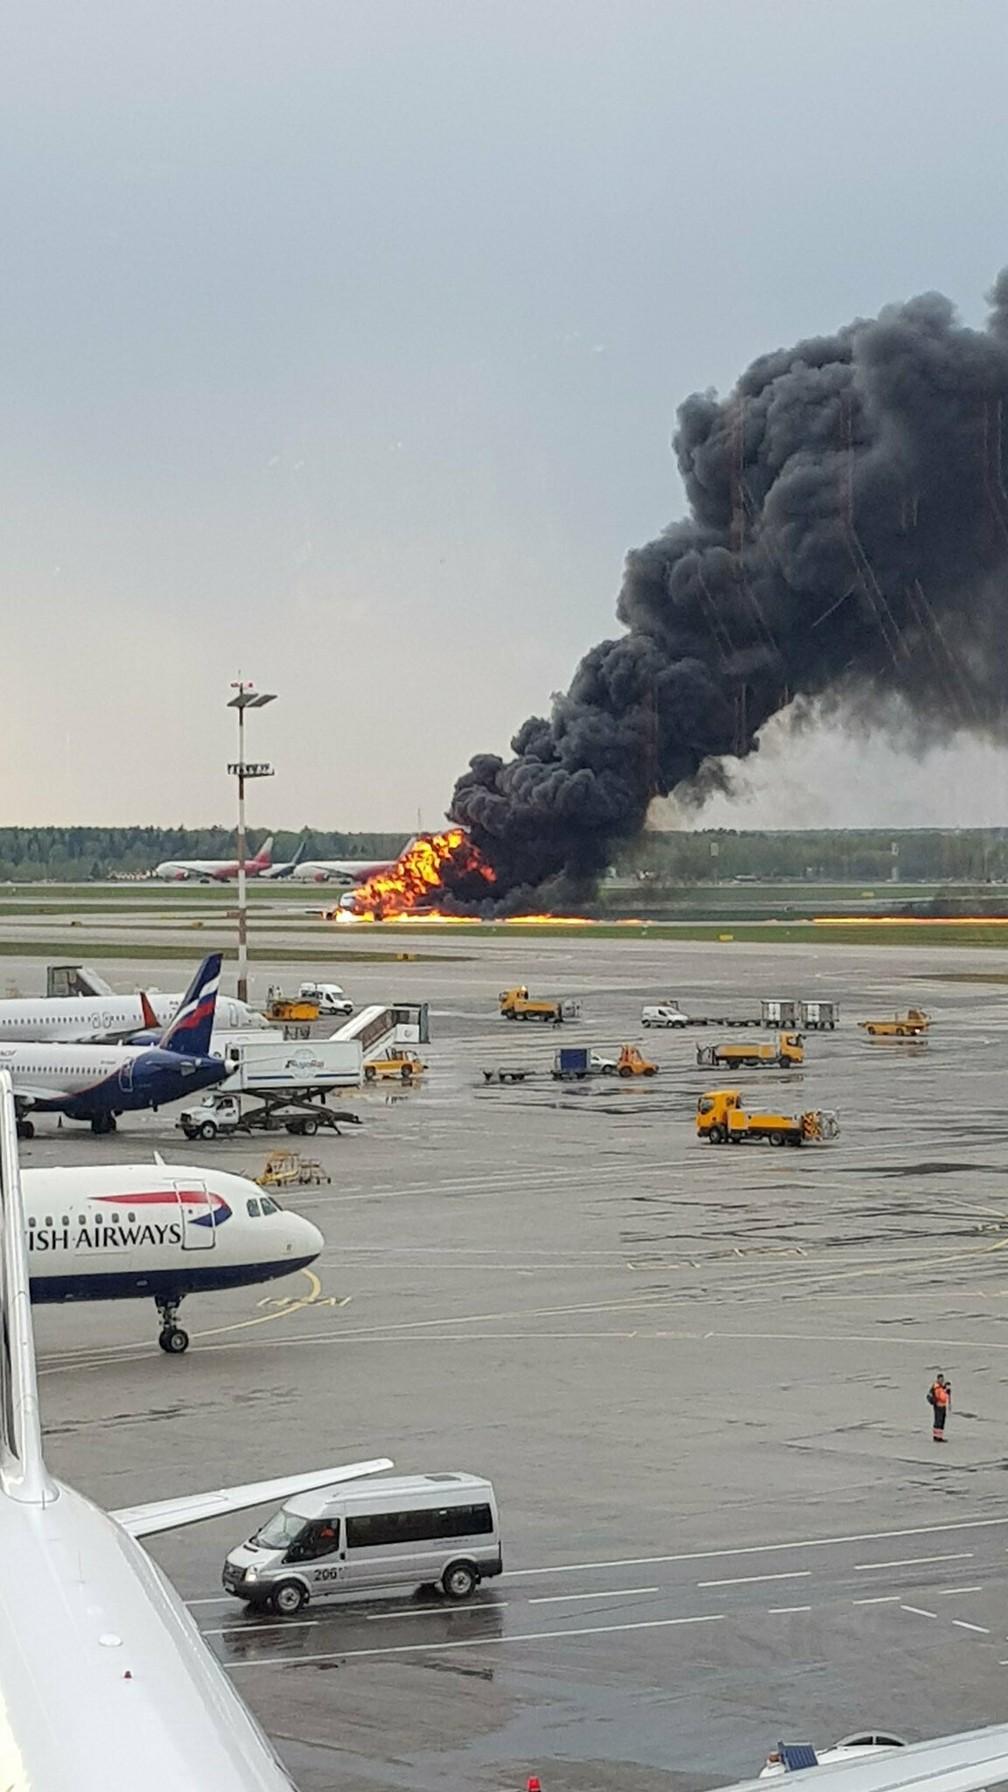 Imagens mostram incêndio no avião da Aeroflot  no aeroportode Moscou â?? Foto: Riccardo Dalla Francesca via AP